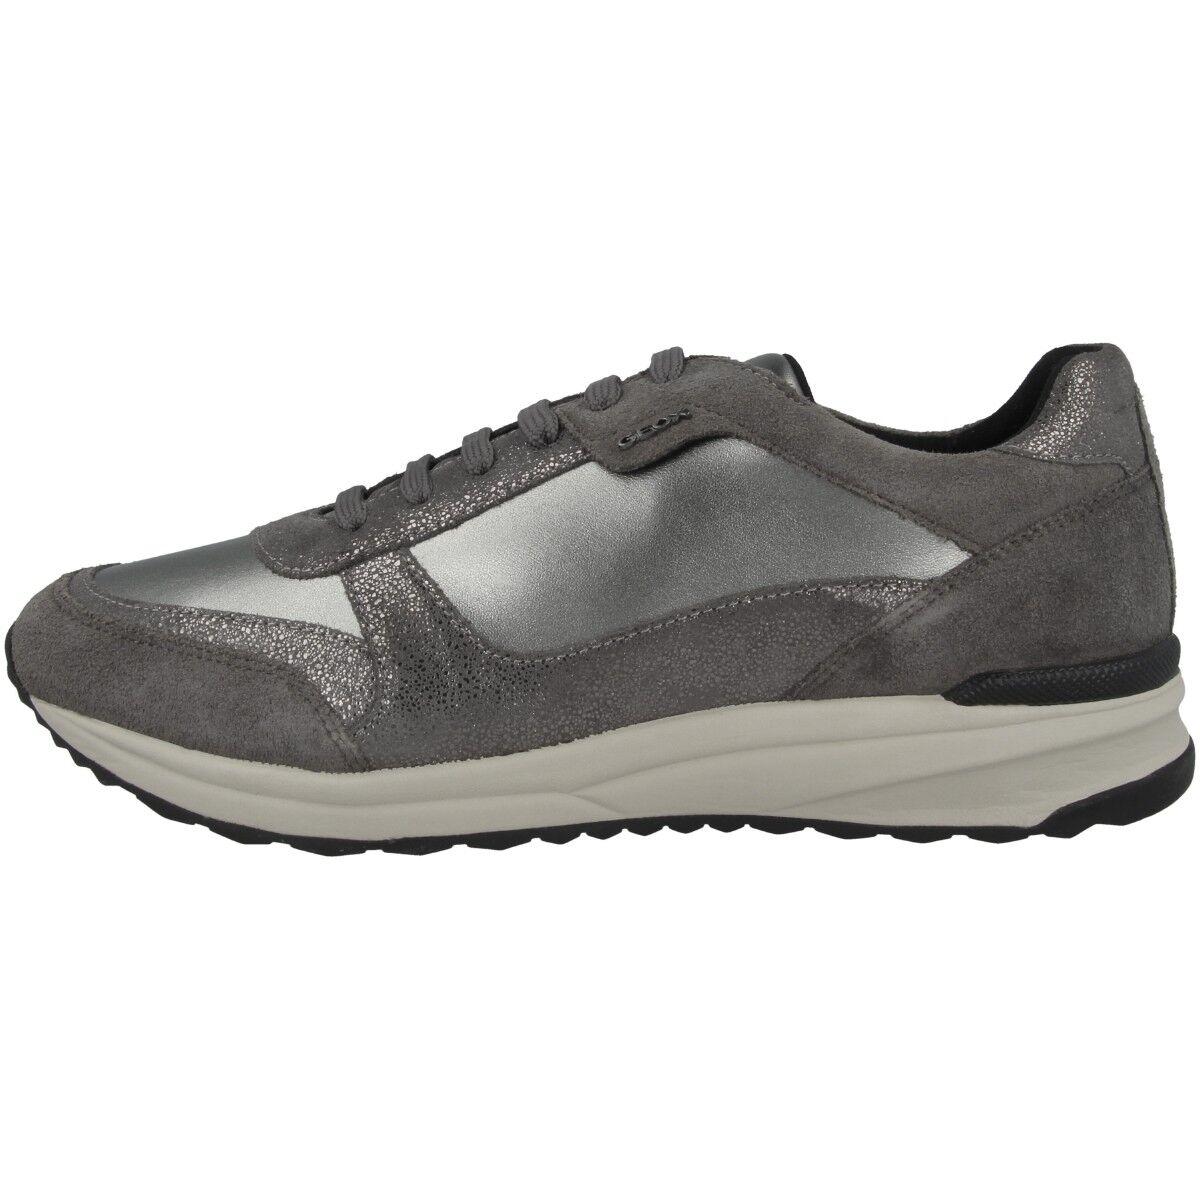 Geox D airell C Chaussures Femmes baskets Loisirs Baskets Gun d642sc022ajc1g9f